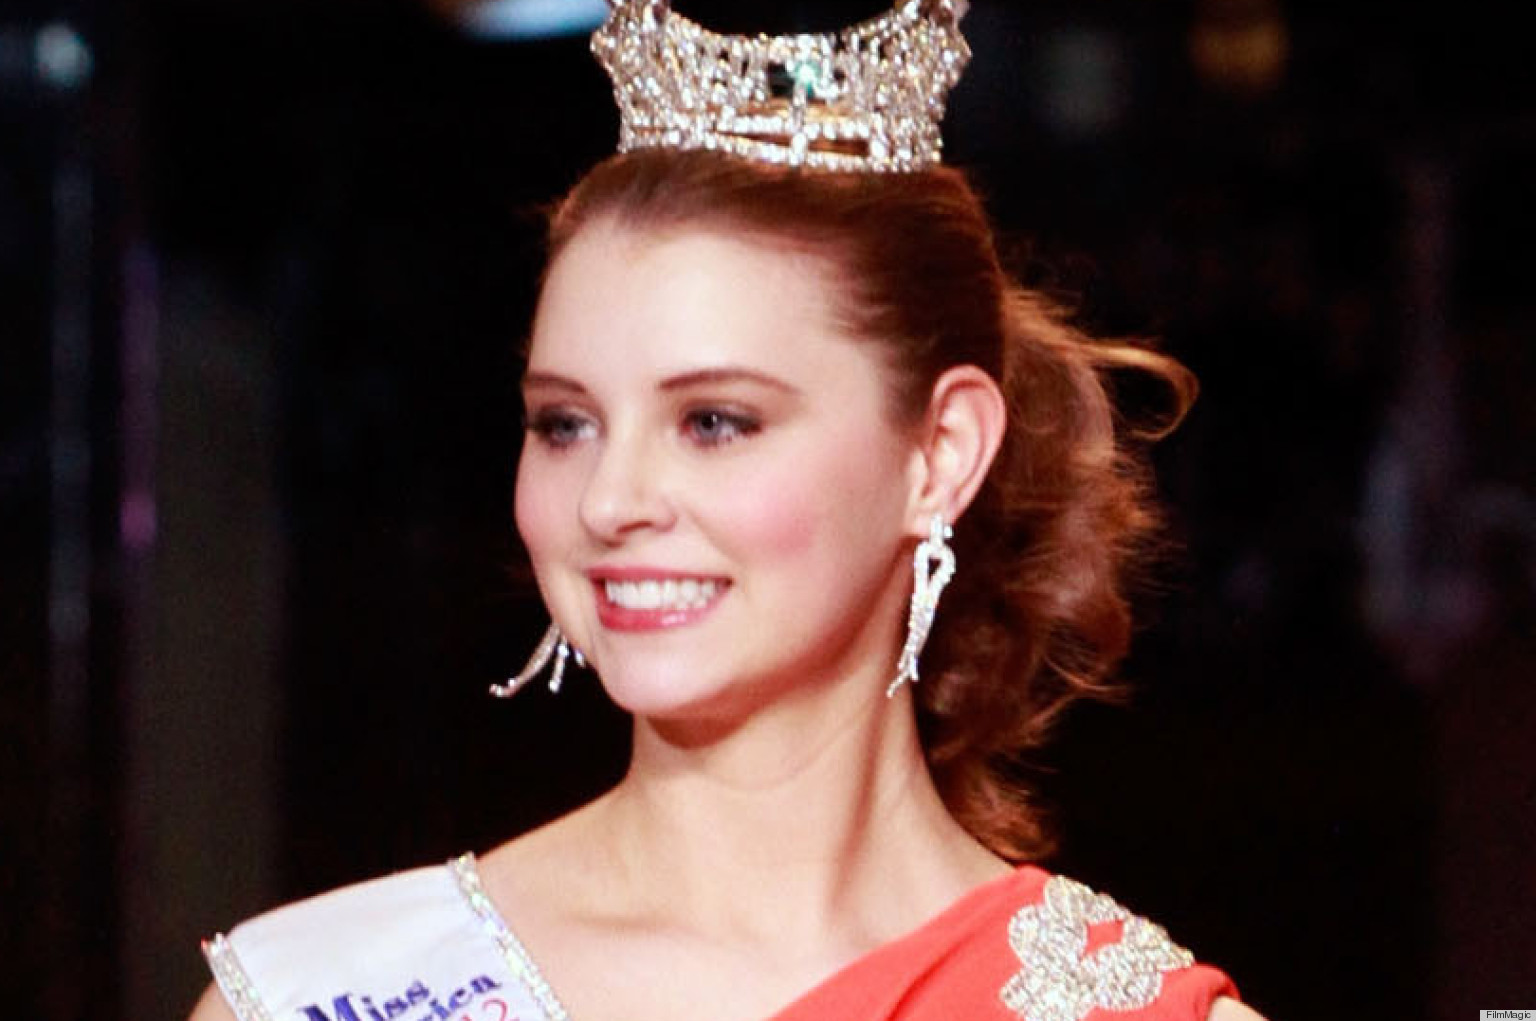 Miss Montana America 2013 Alexis Wineman Autism Autistic